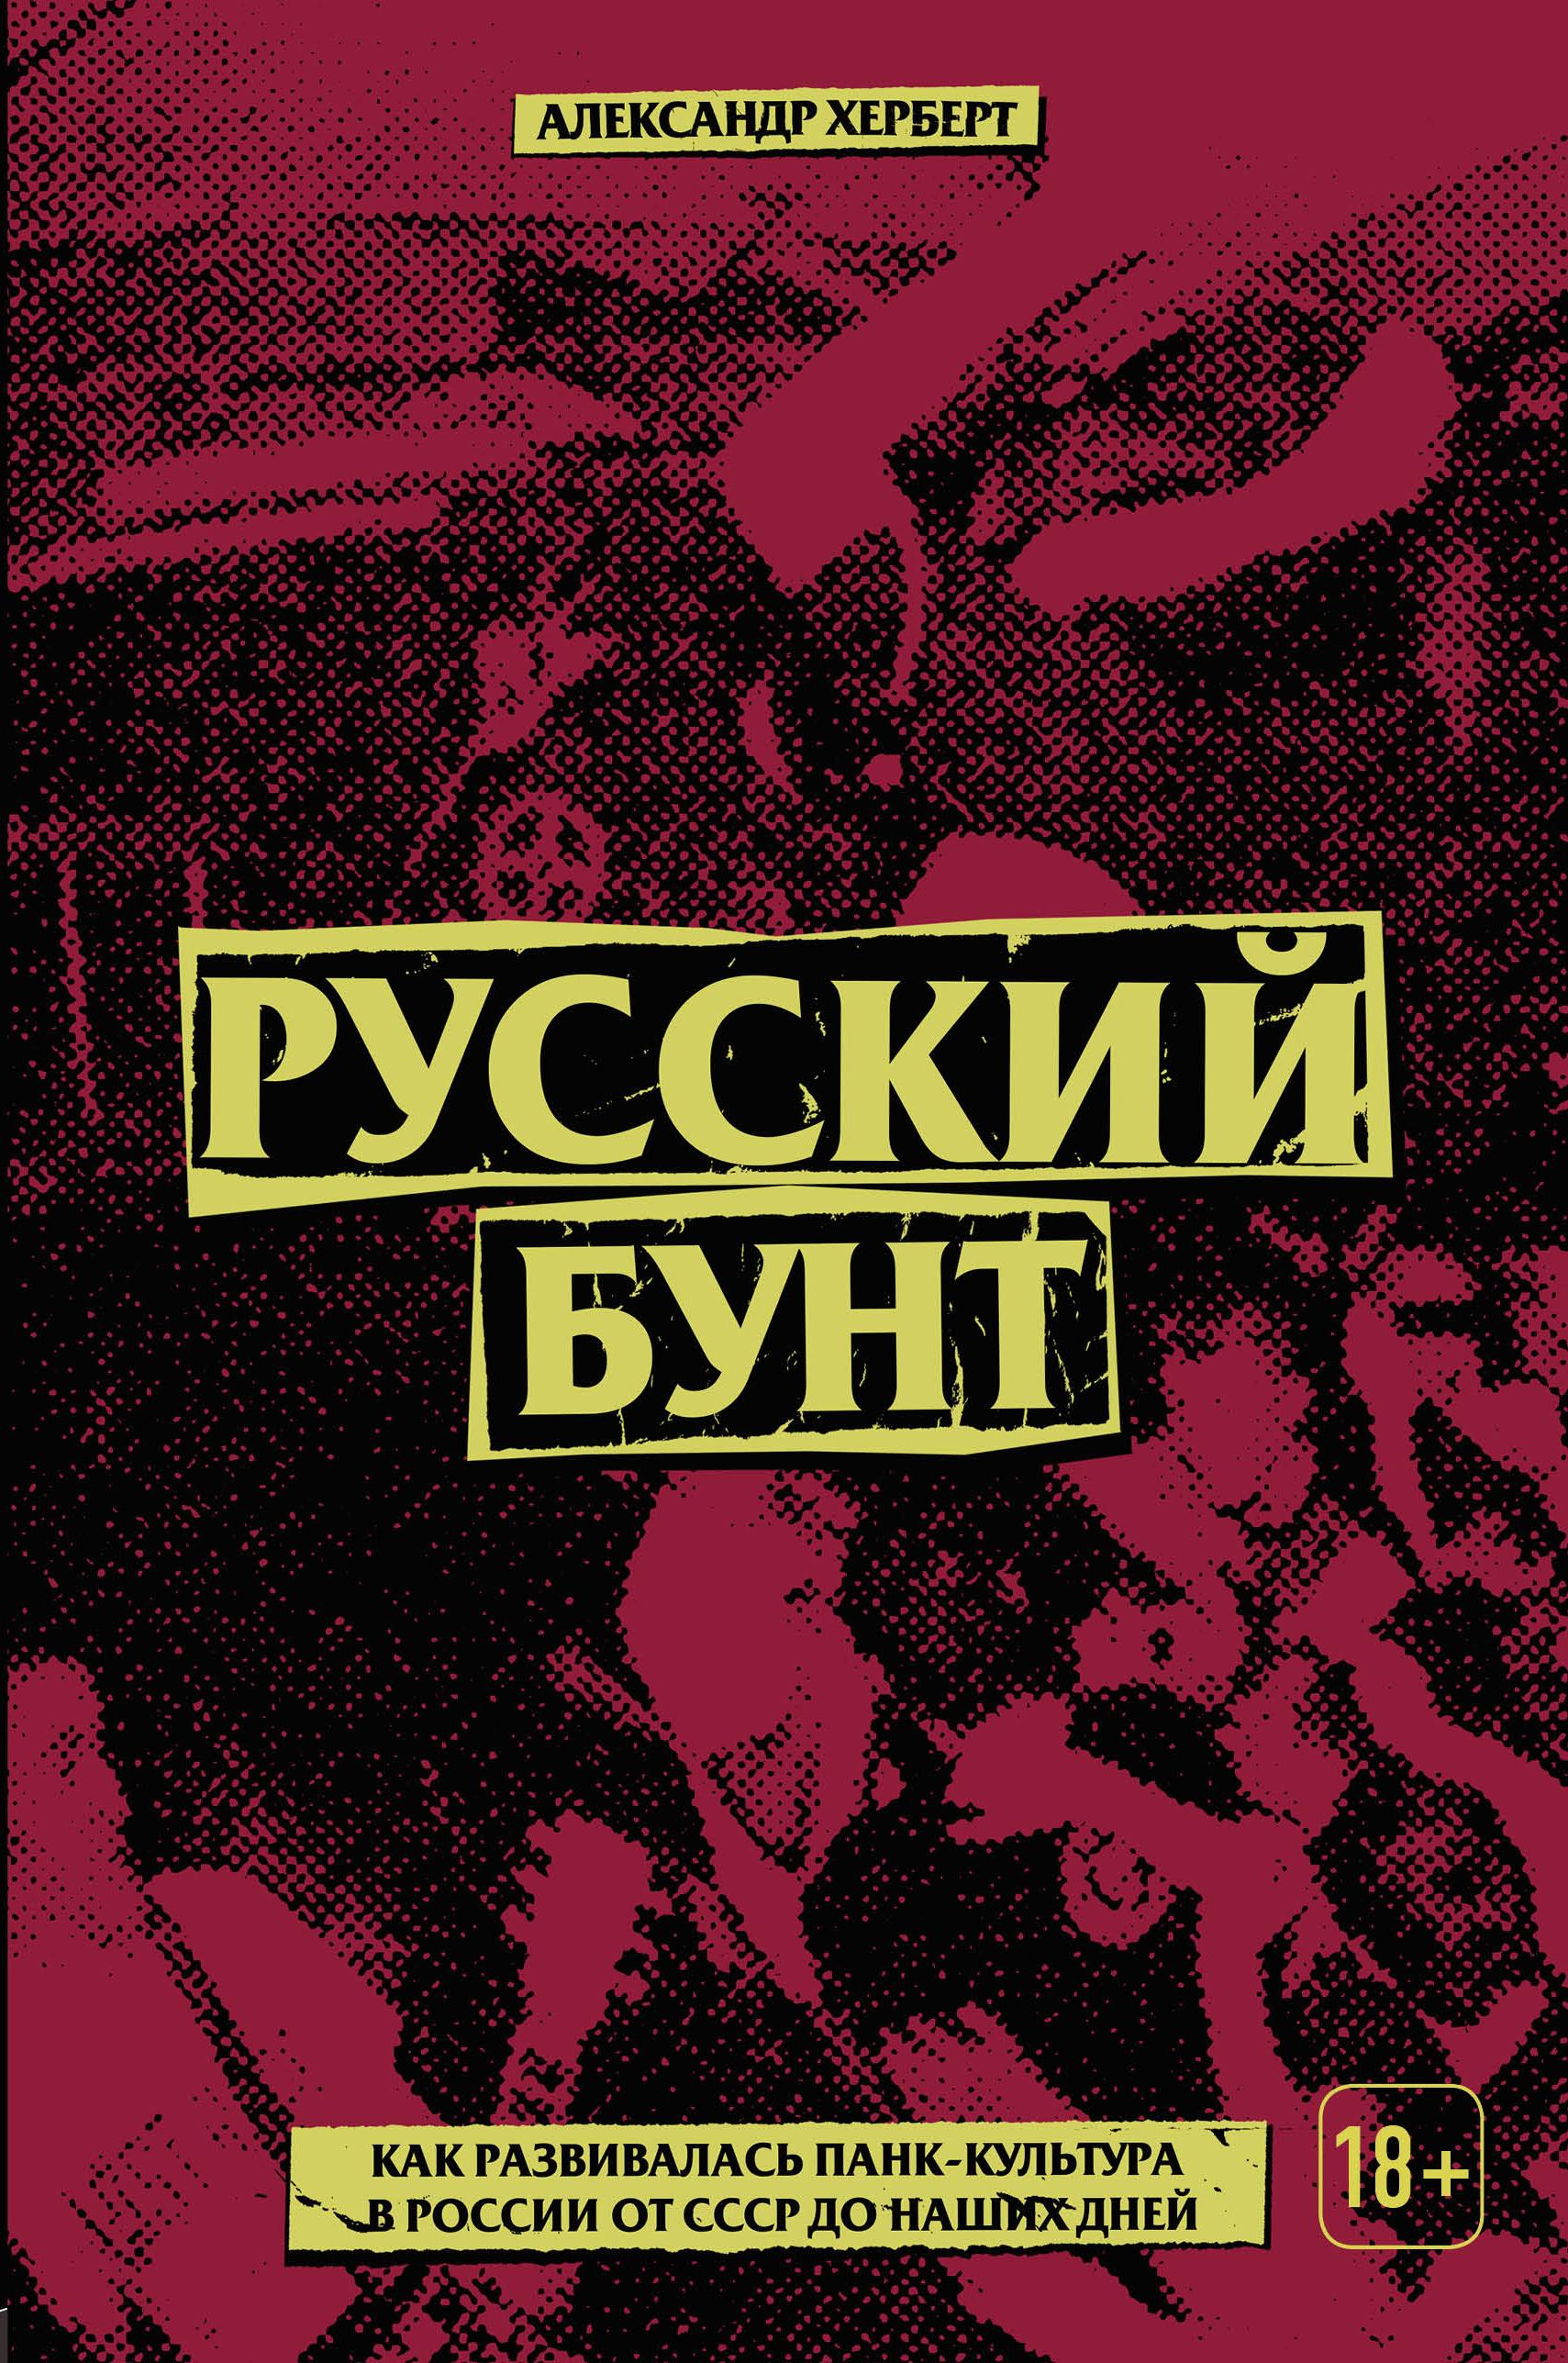 Купить книгу Русский бунт: как развивалась панк-культура в России от СССР до наших дней, автора Александра Герберта